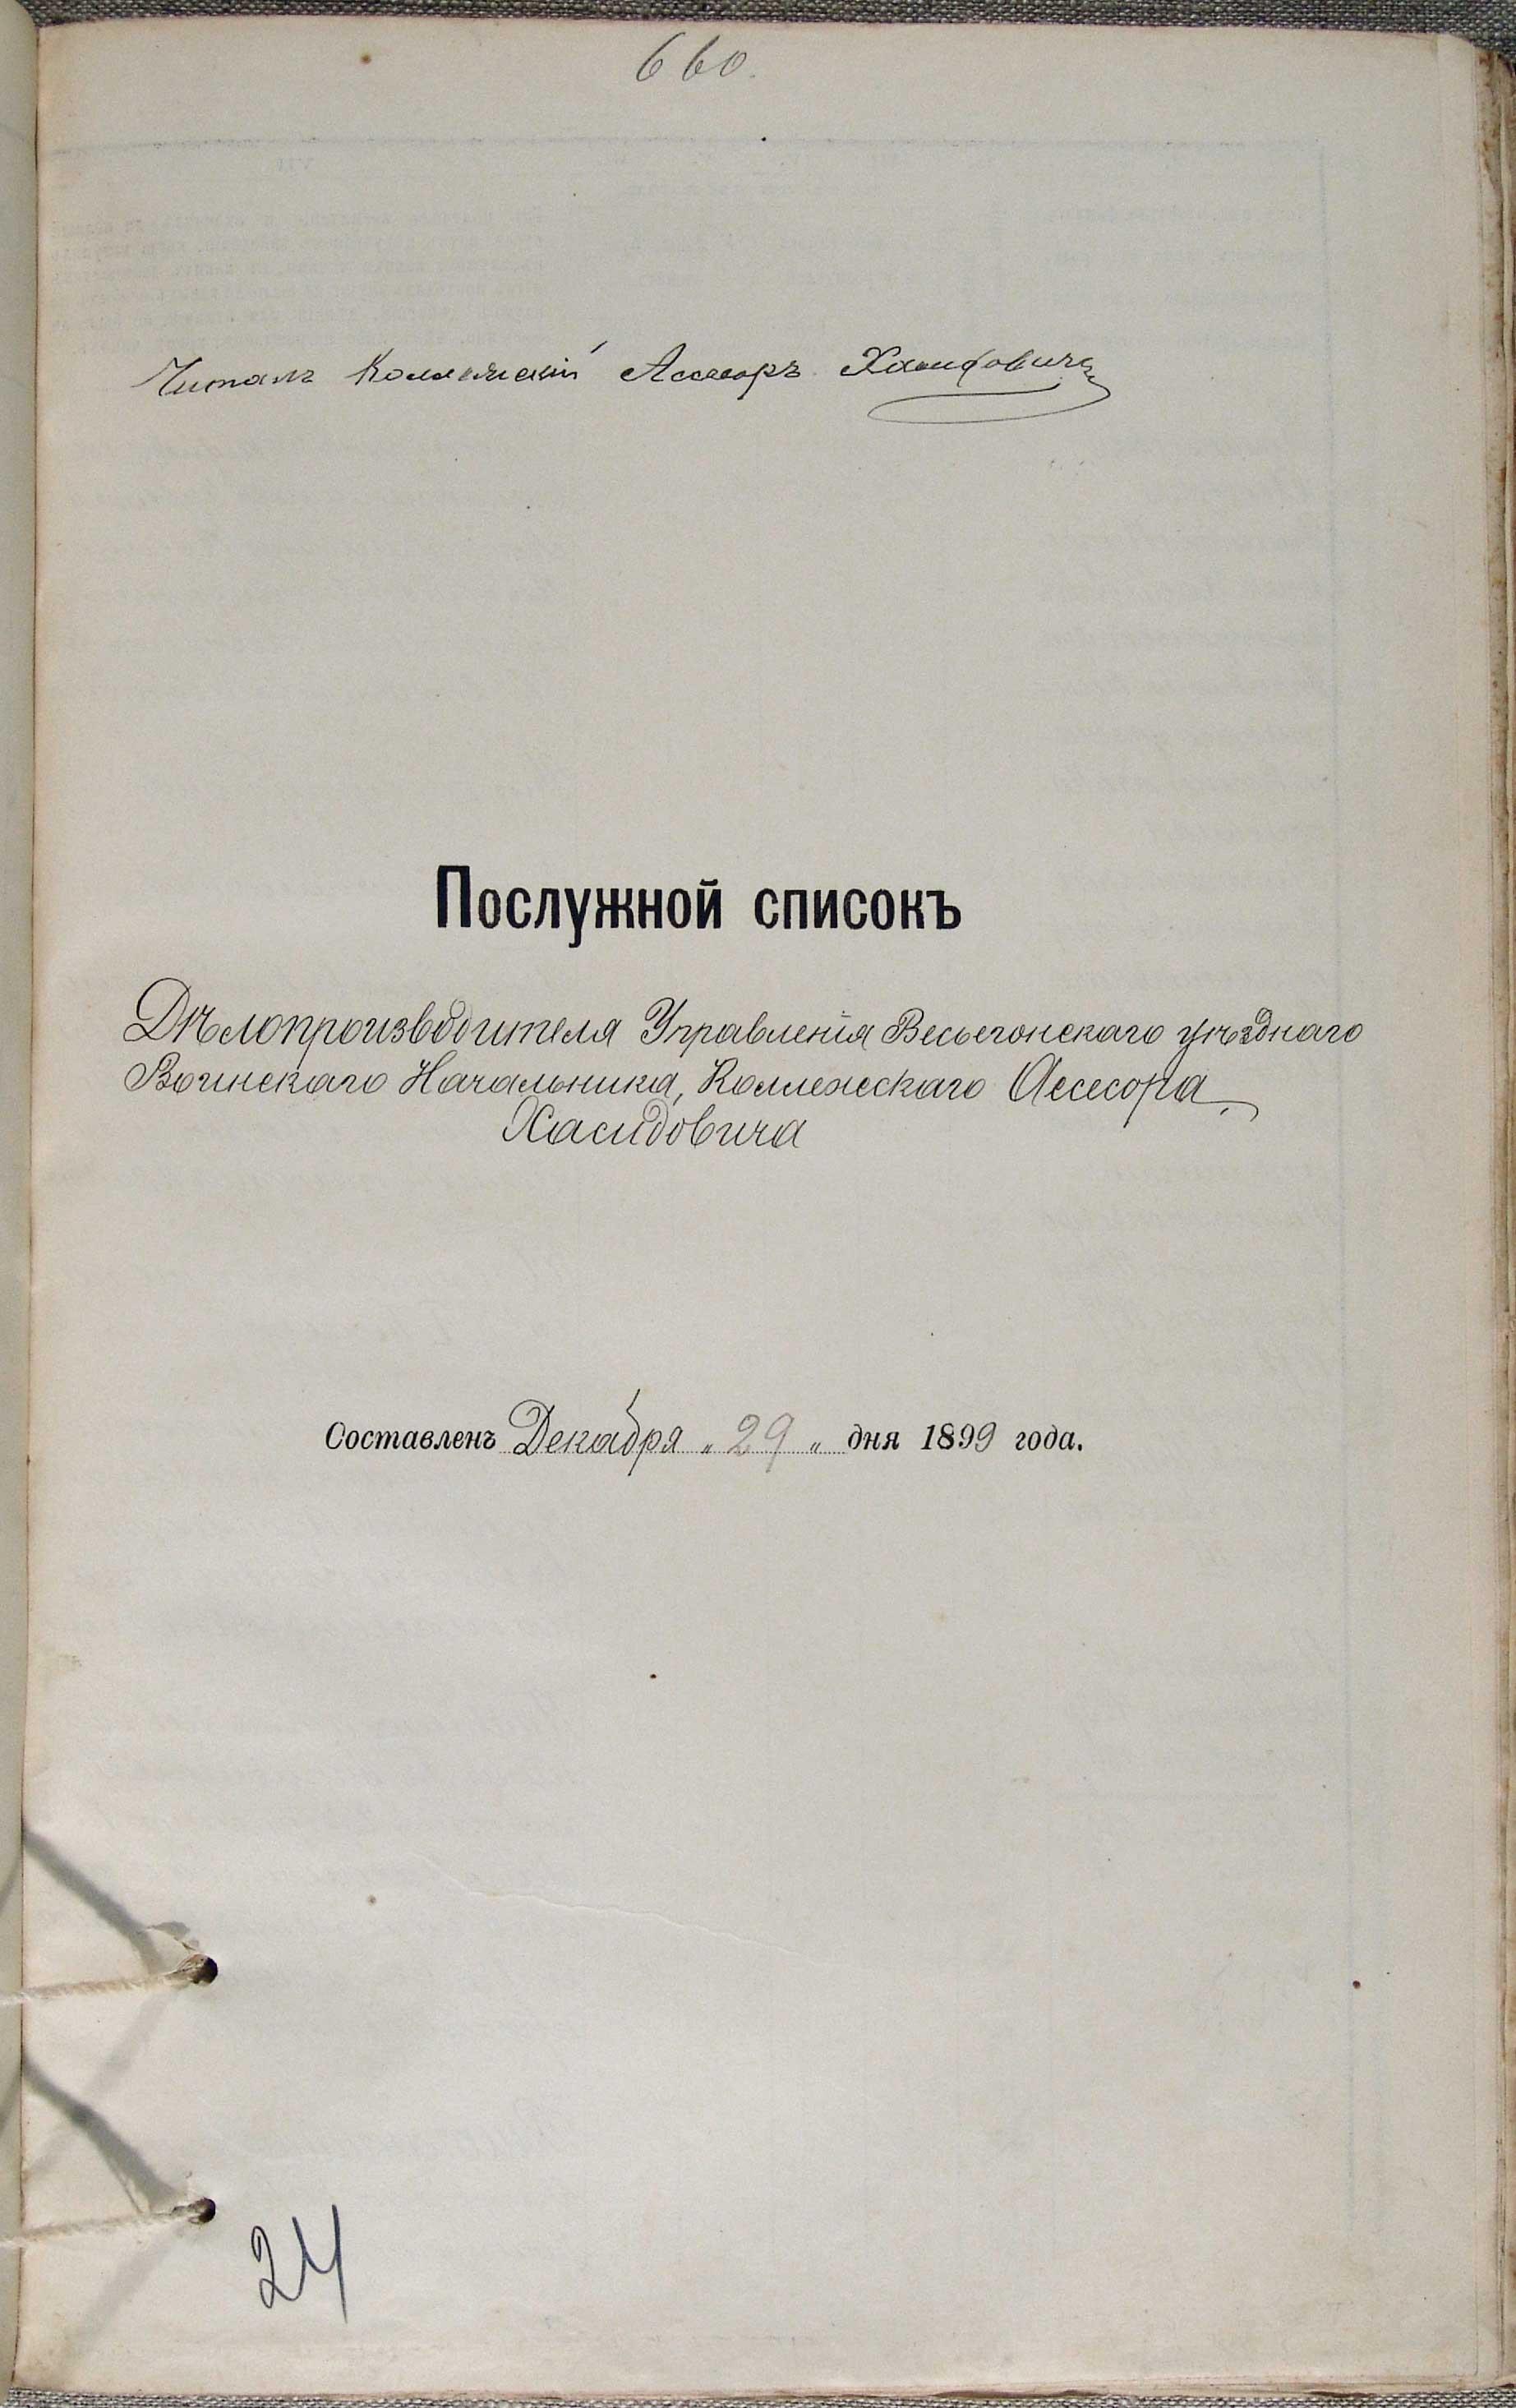 Photo: Хасидович Дмитрий Петрович. Послужной список 1899 года, титульный лист